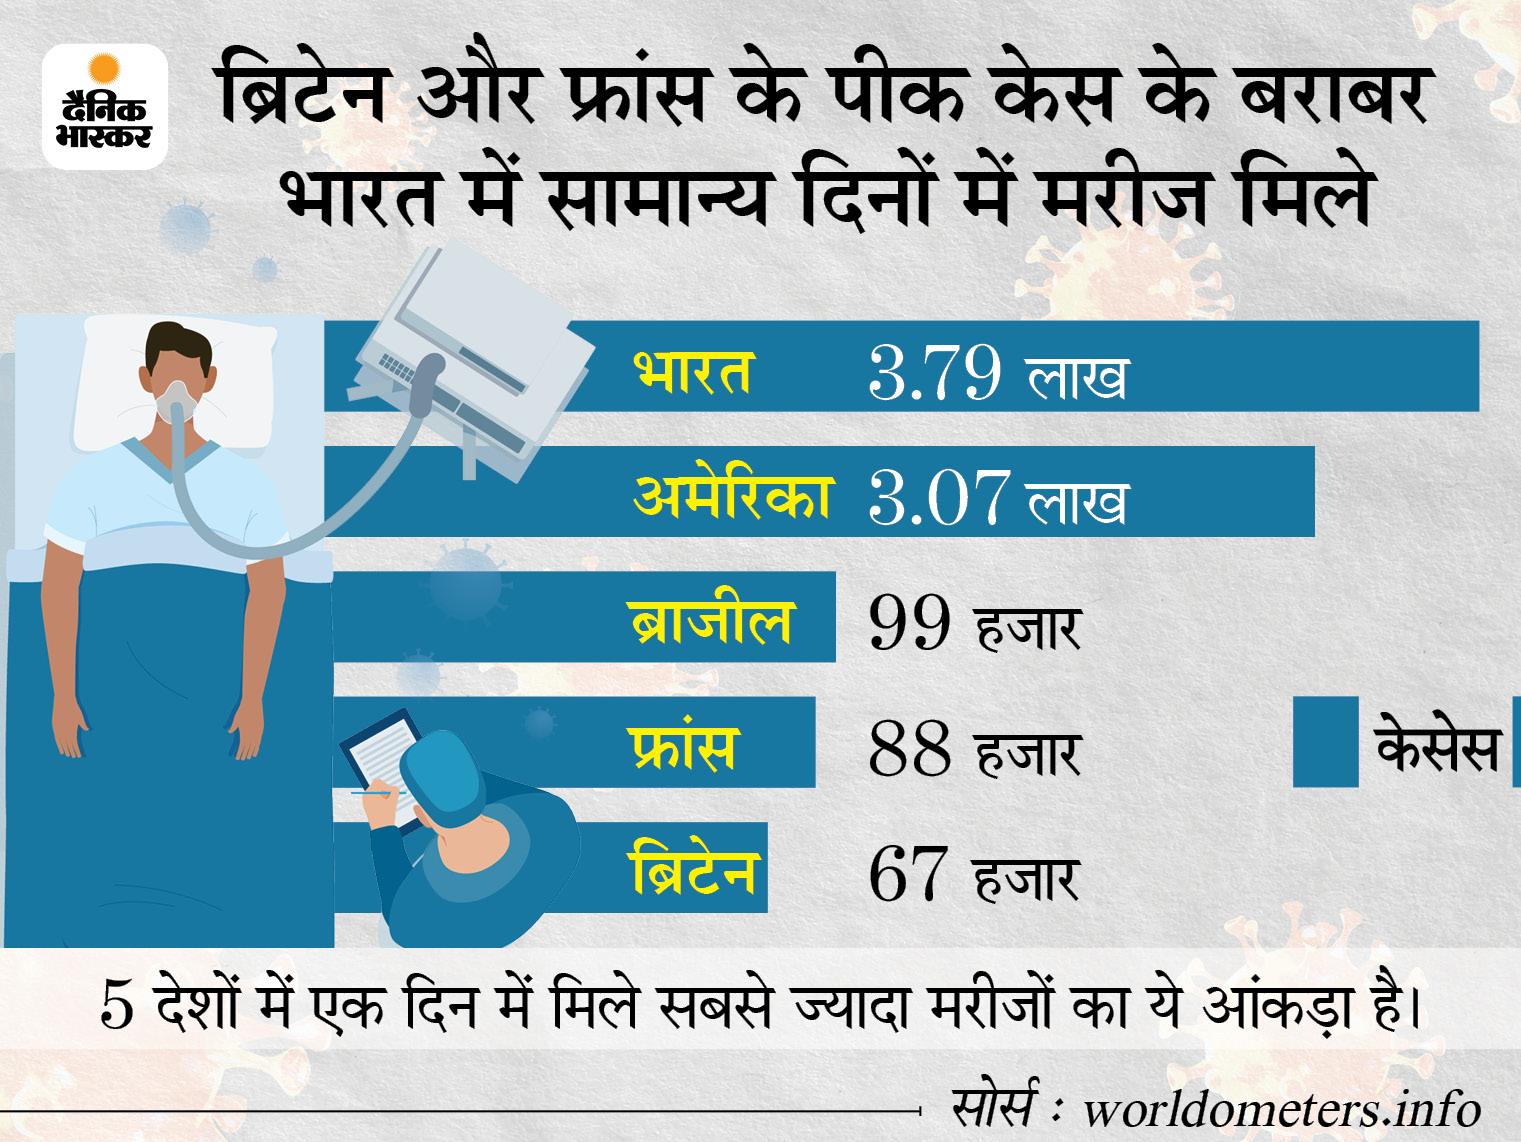 24 घंटे में रिकॉर्ड 3.86 लाख से ज्यादा मरीज मिले, 3501की जान गई; रिकॉर्ड 2.91 लाख लोग ठीक भी हुए|देश,National - Dainik Bhaskar